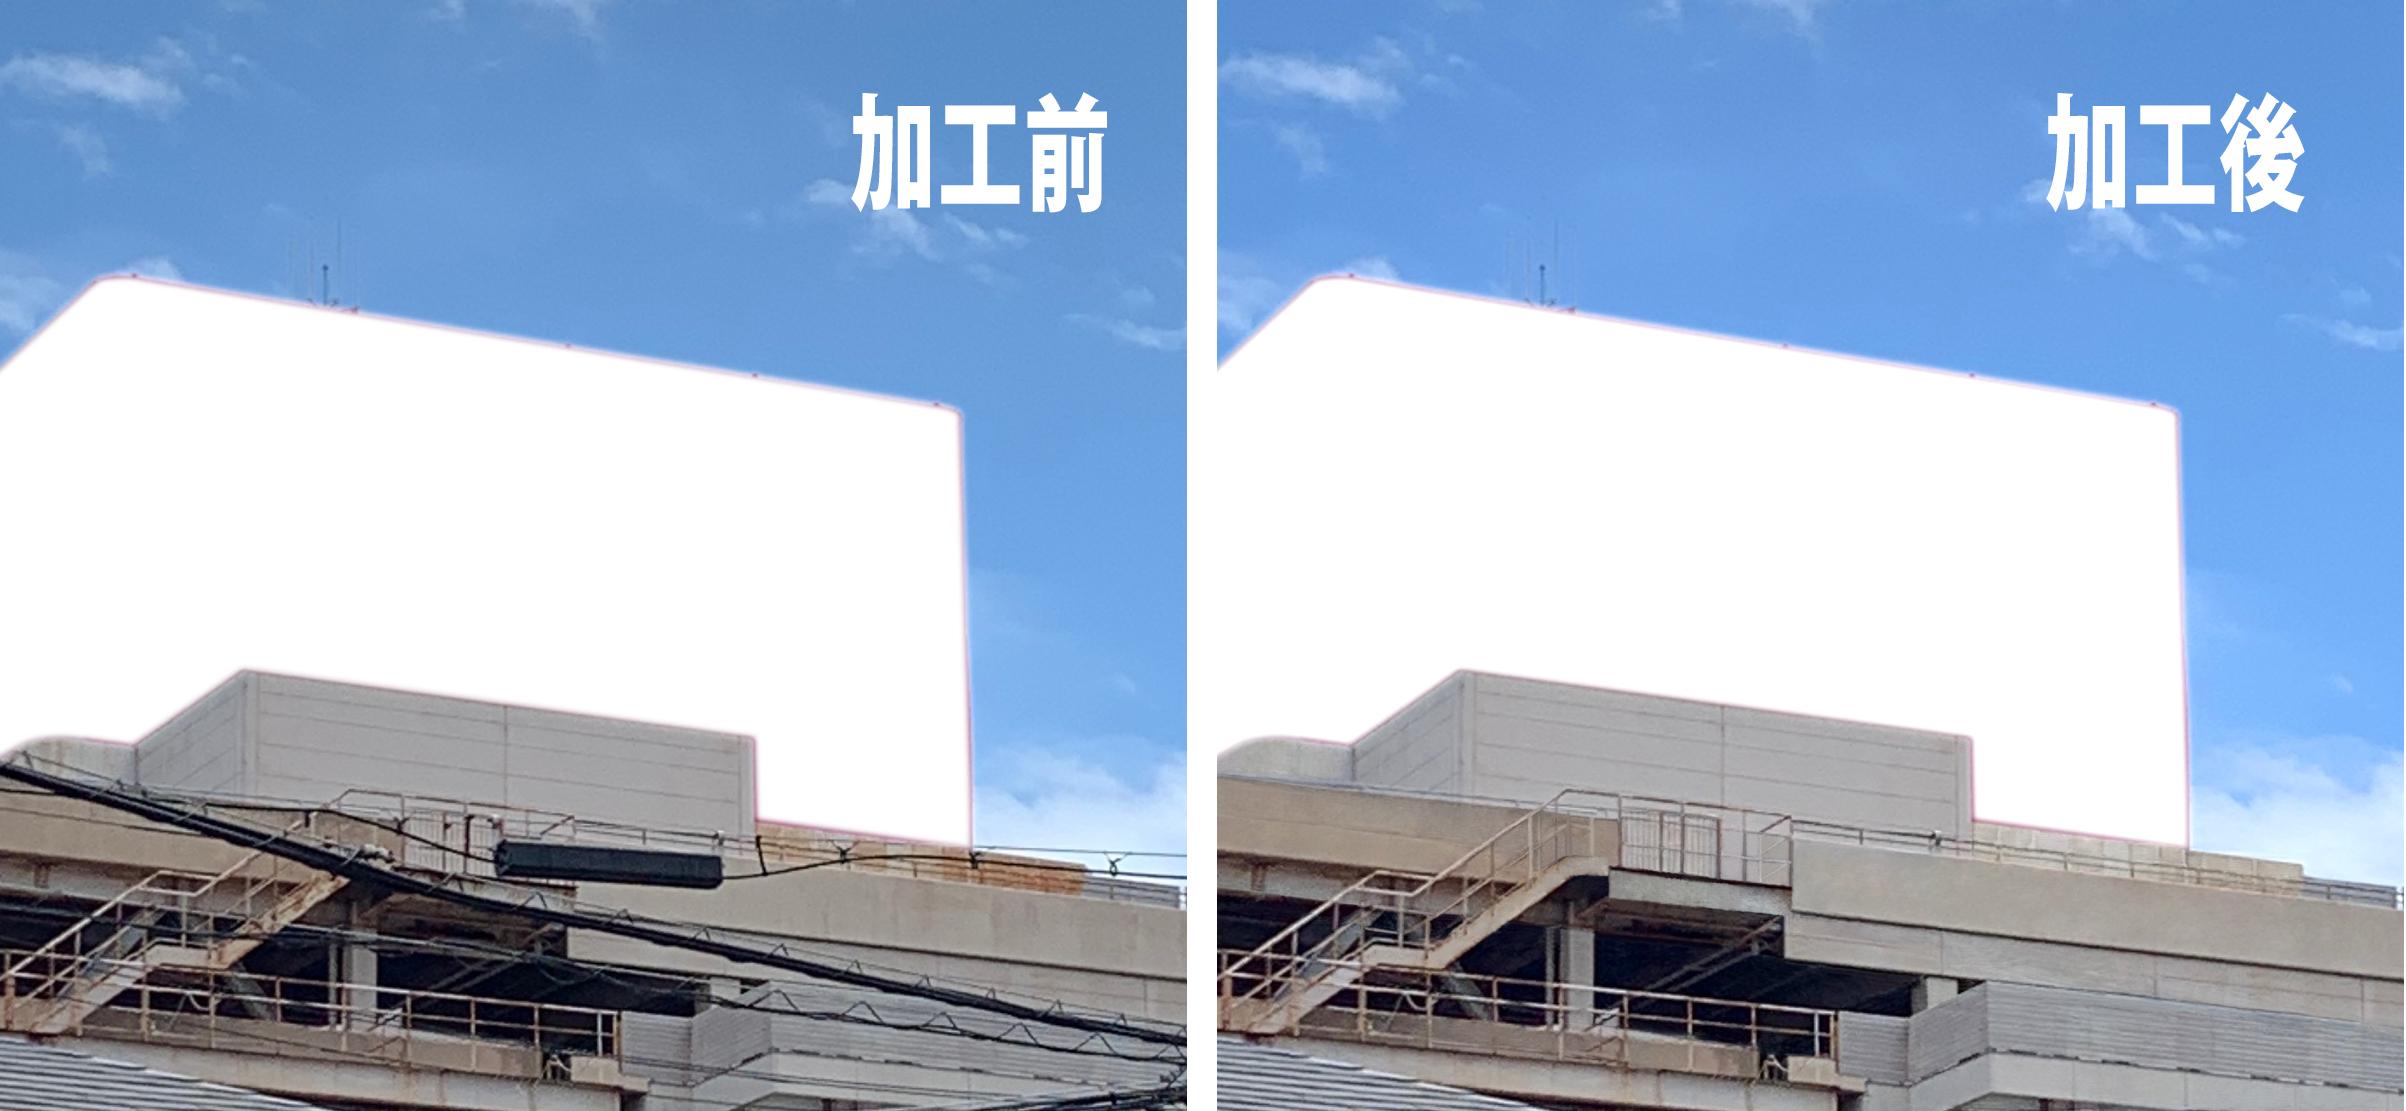 東岸和田_建物.02psd.jpg